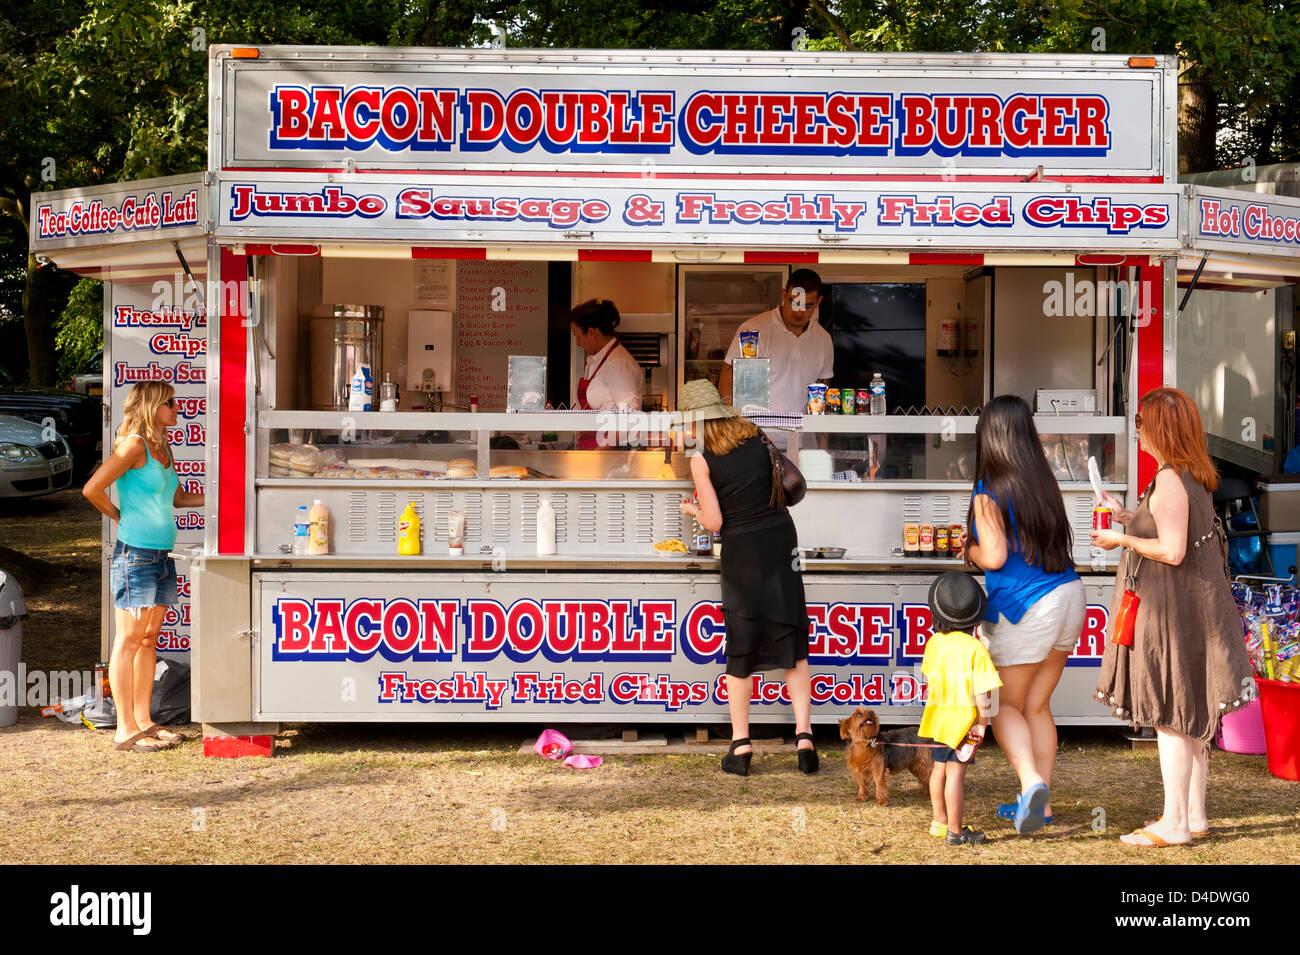 Fast food burger van, UK Photo Stock